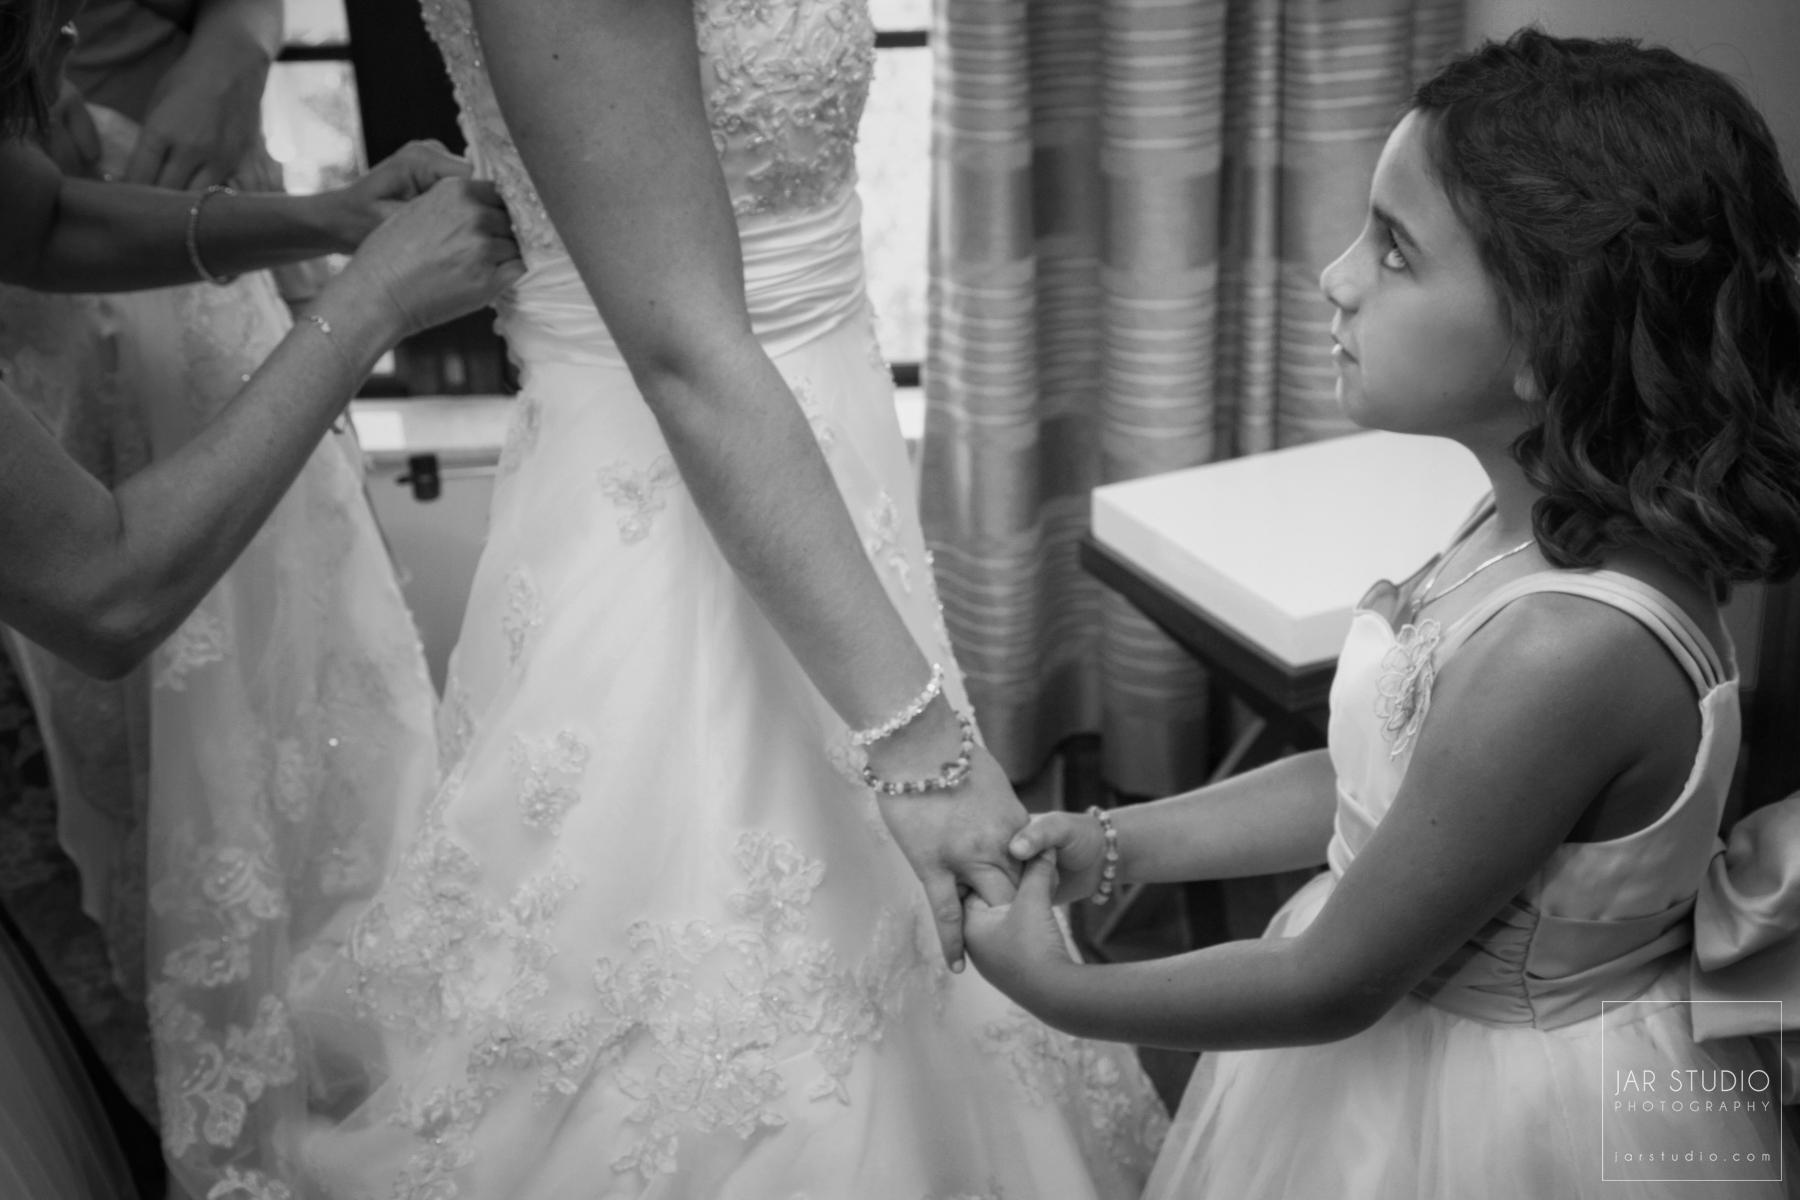 06-white-lavender-flower-girl-wedding-gown-jarstudio-photography.JPG